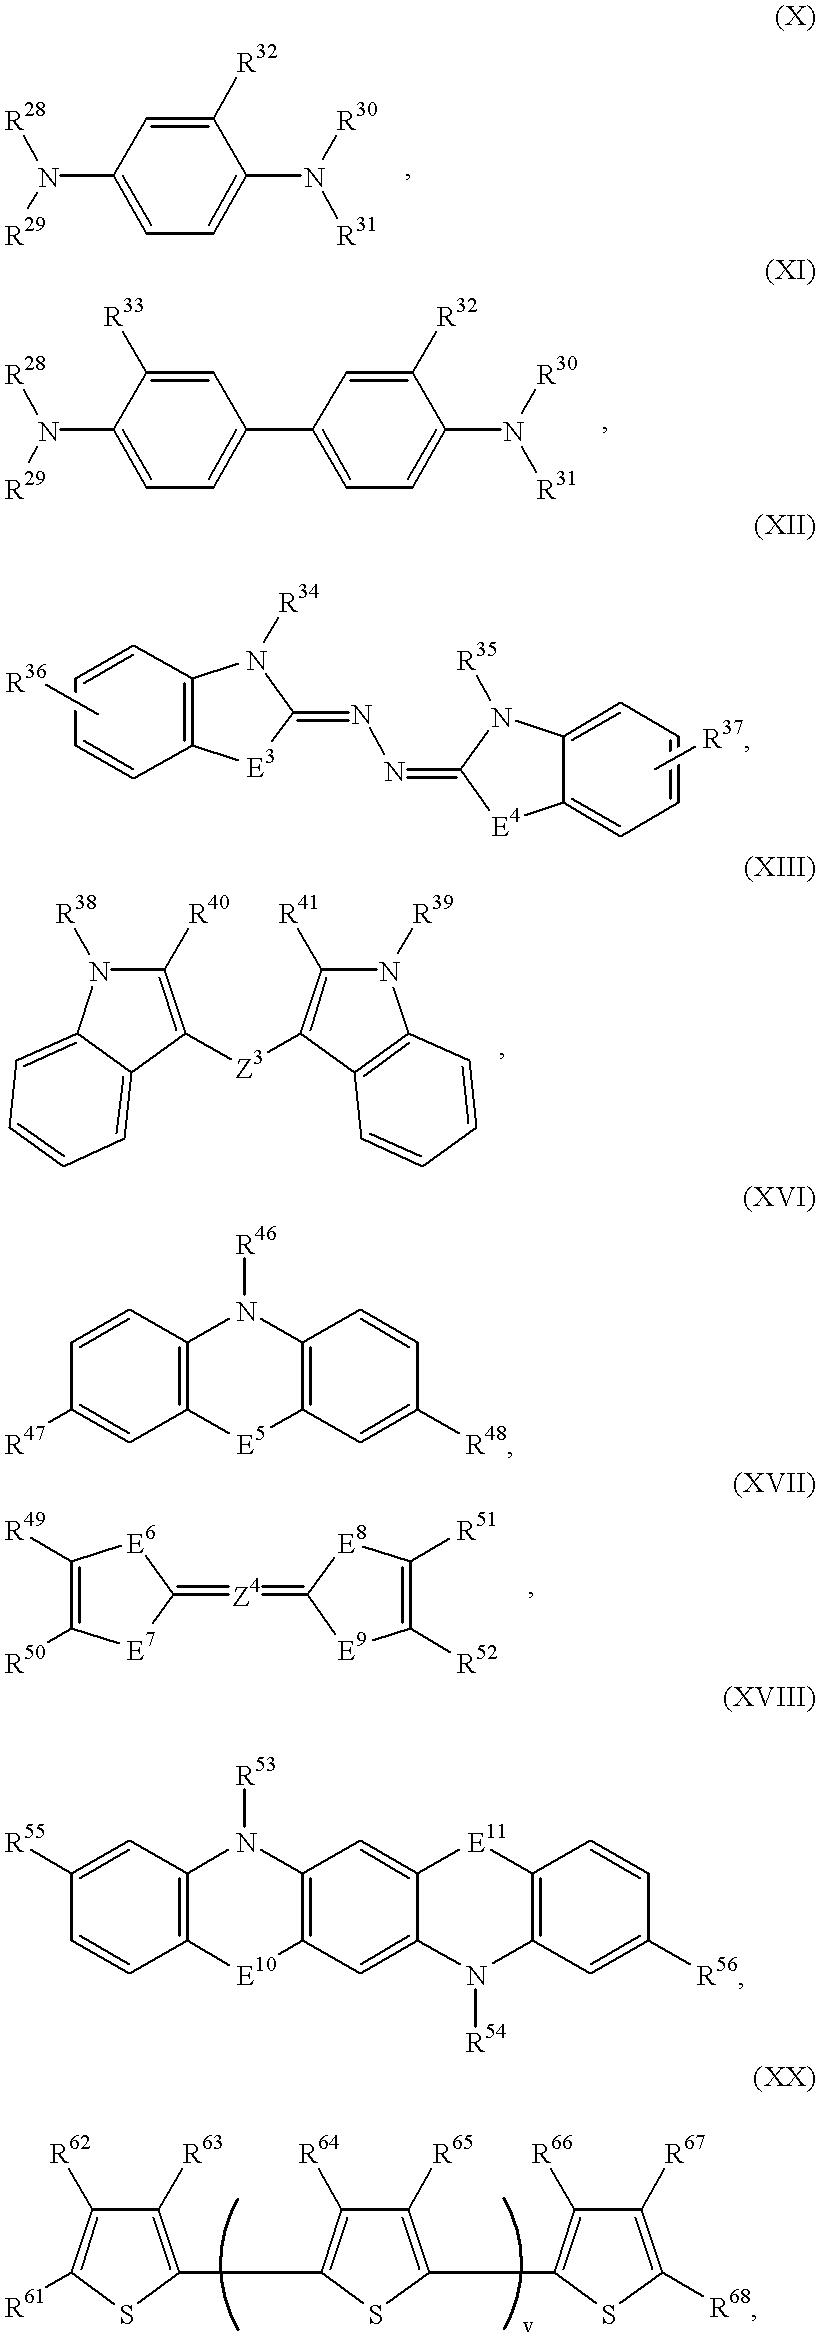 Figure US06183878-20010206-C00053